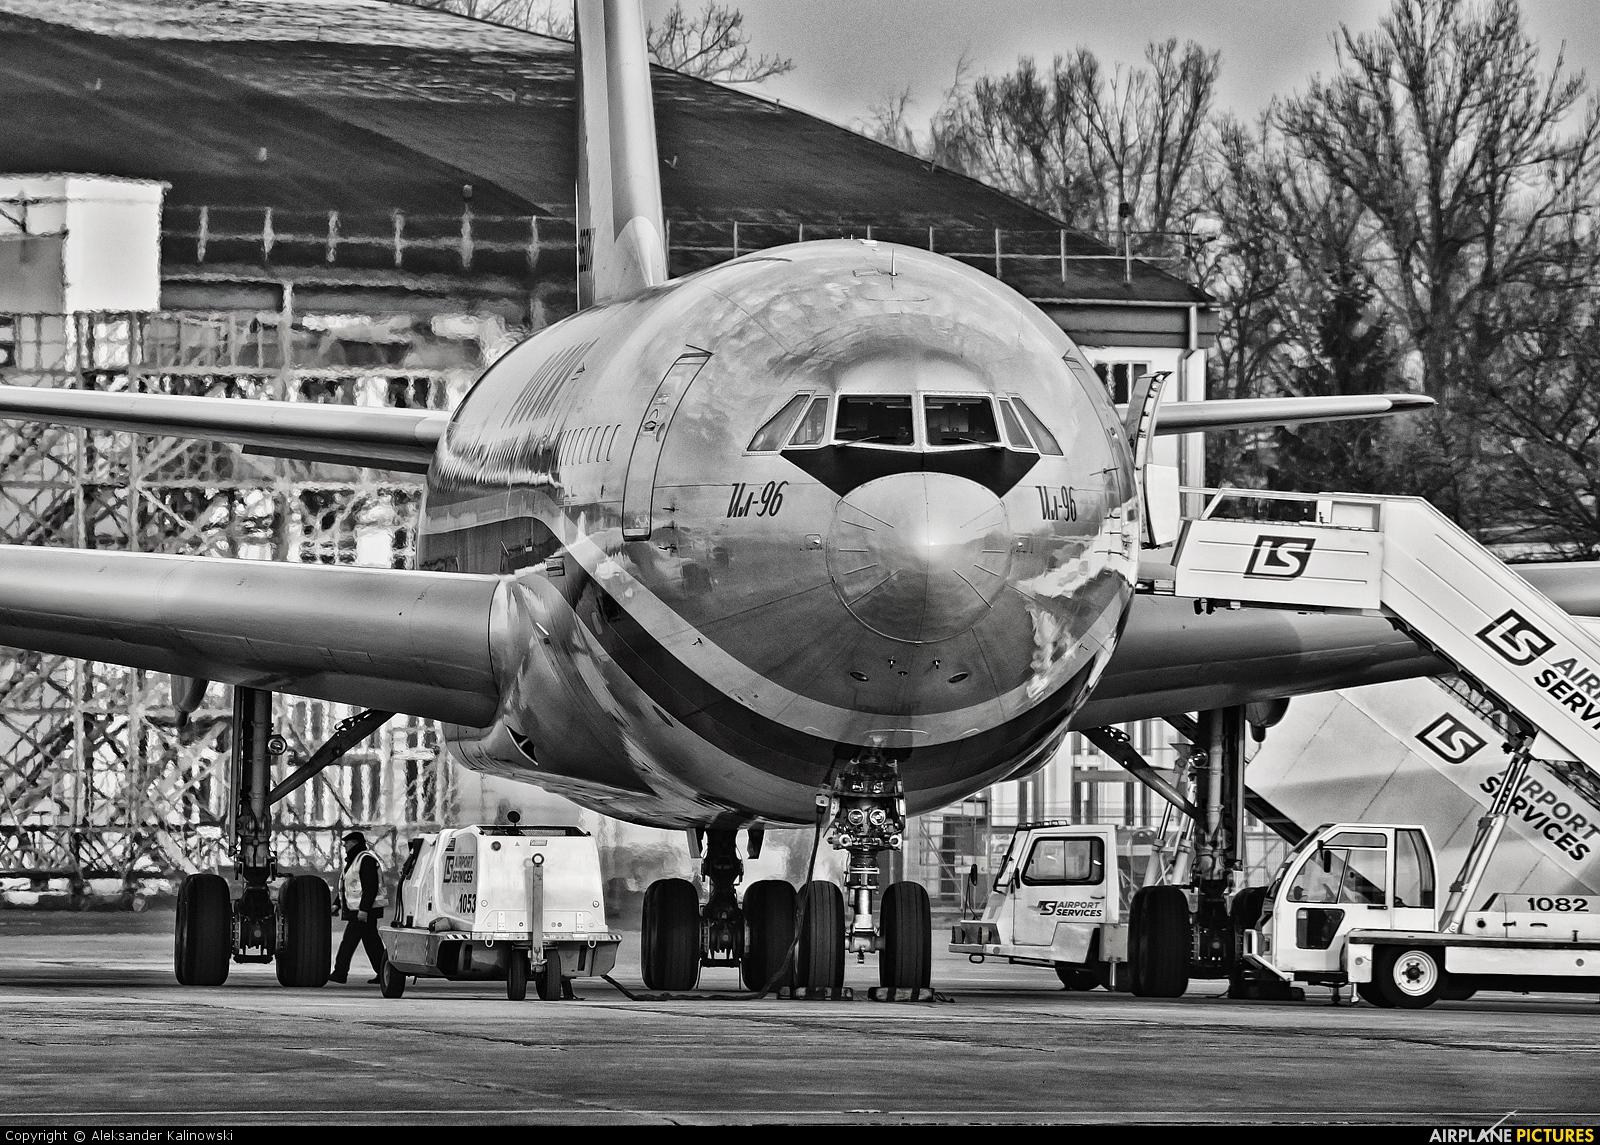 Rossiya RA-96017 aircraft at Warsaw - Frederic Chopin